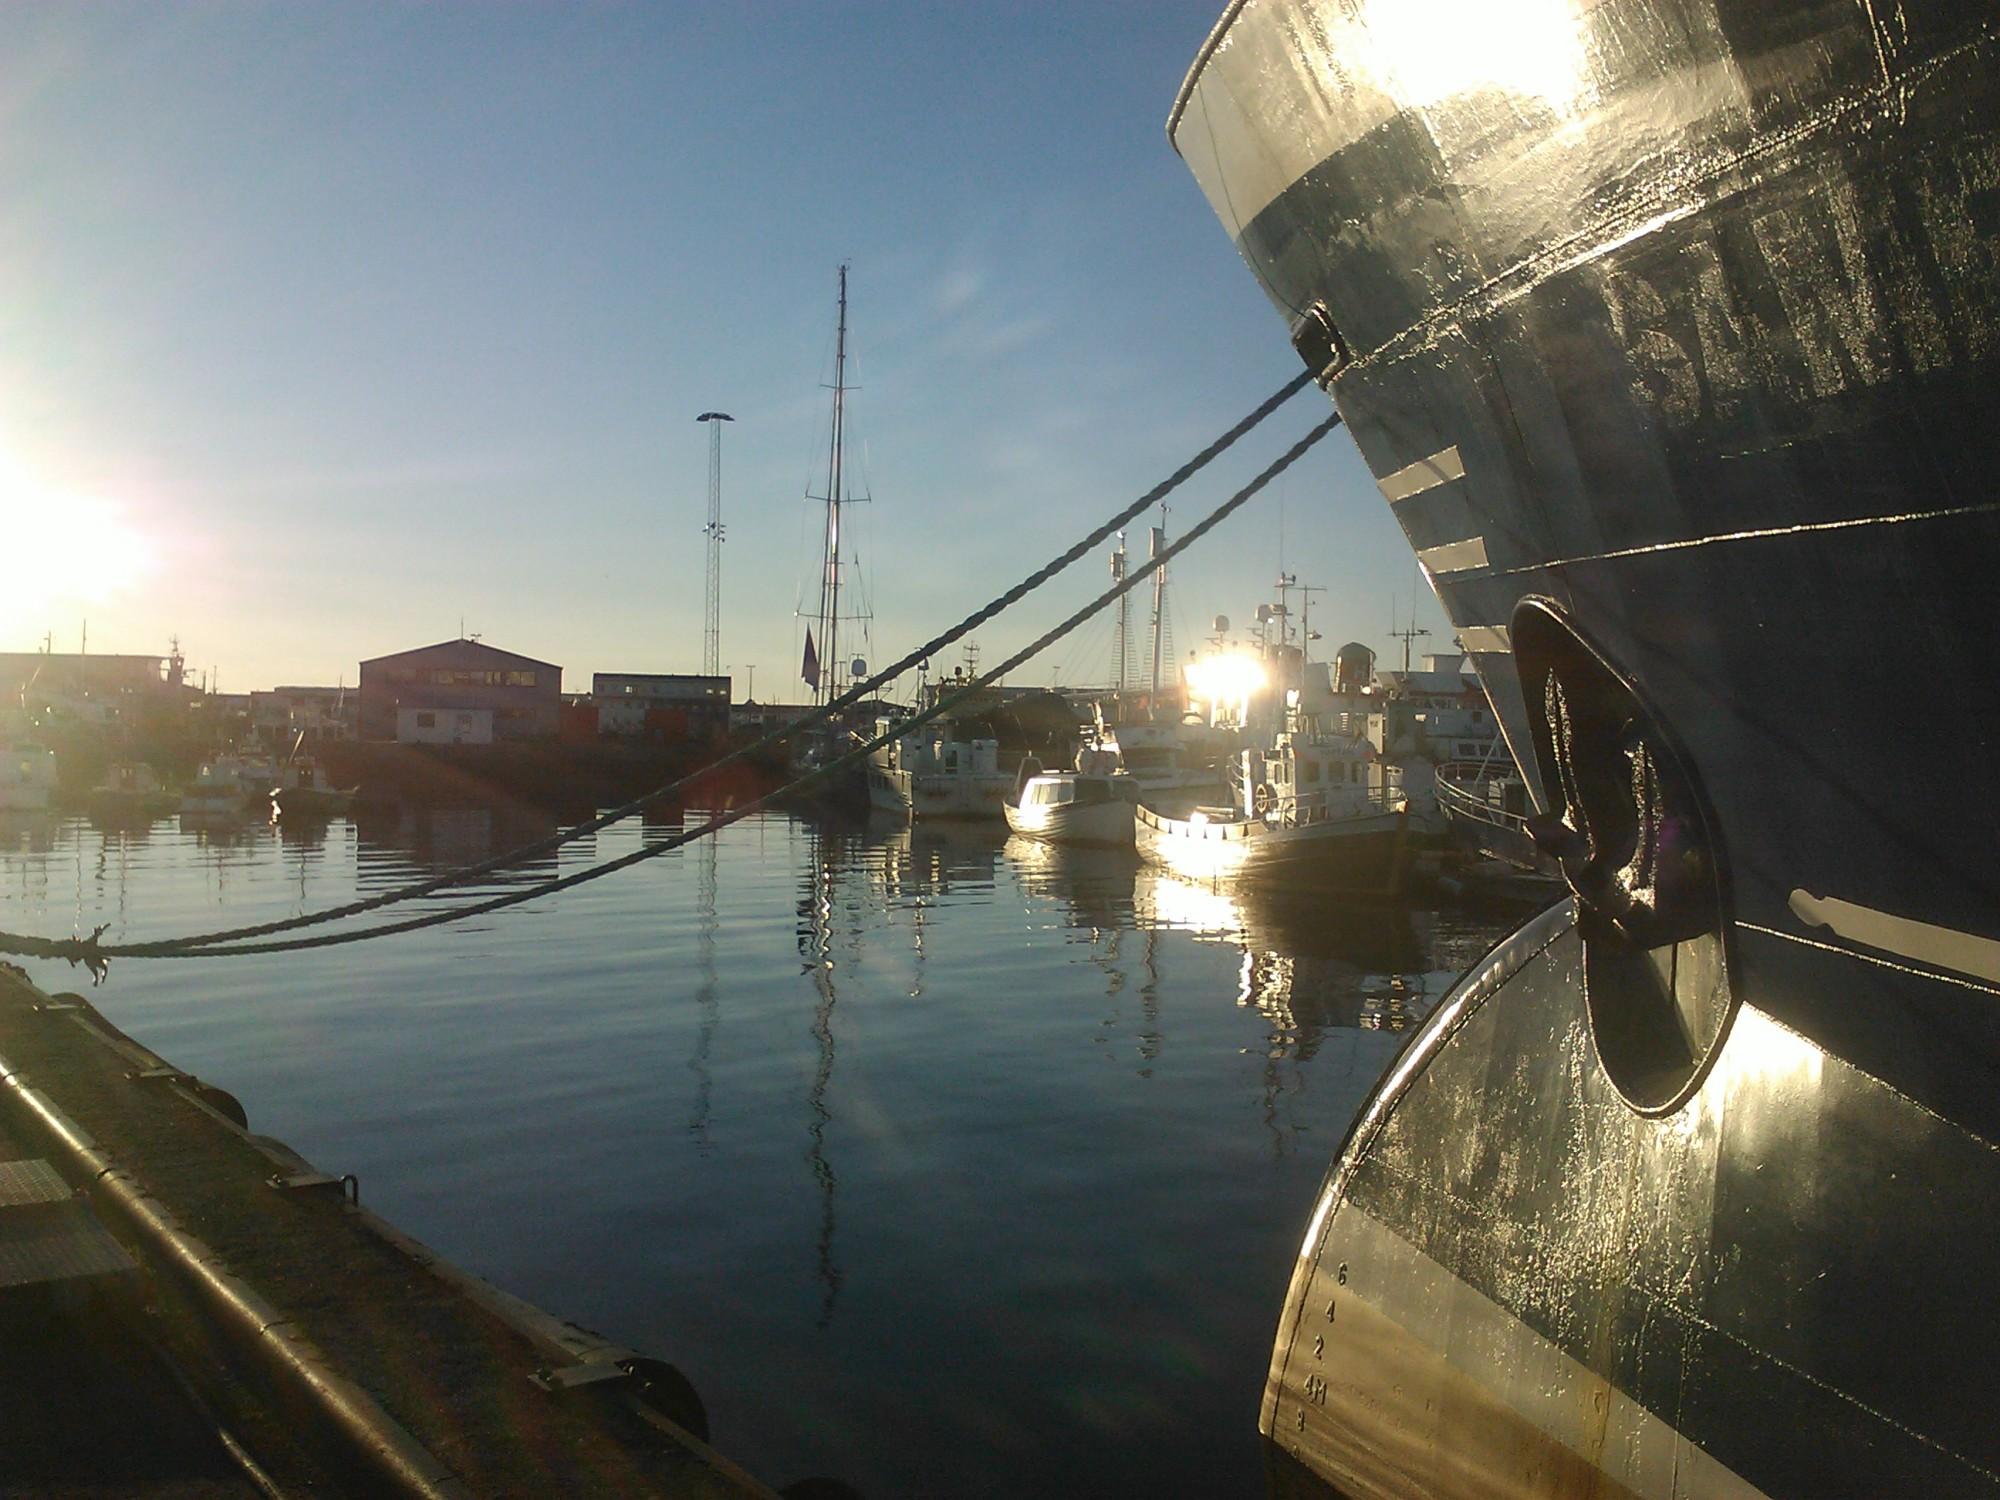 Reykjavik docks